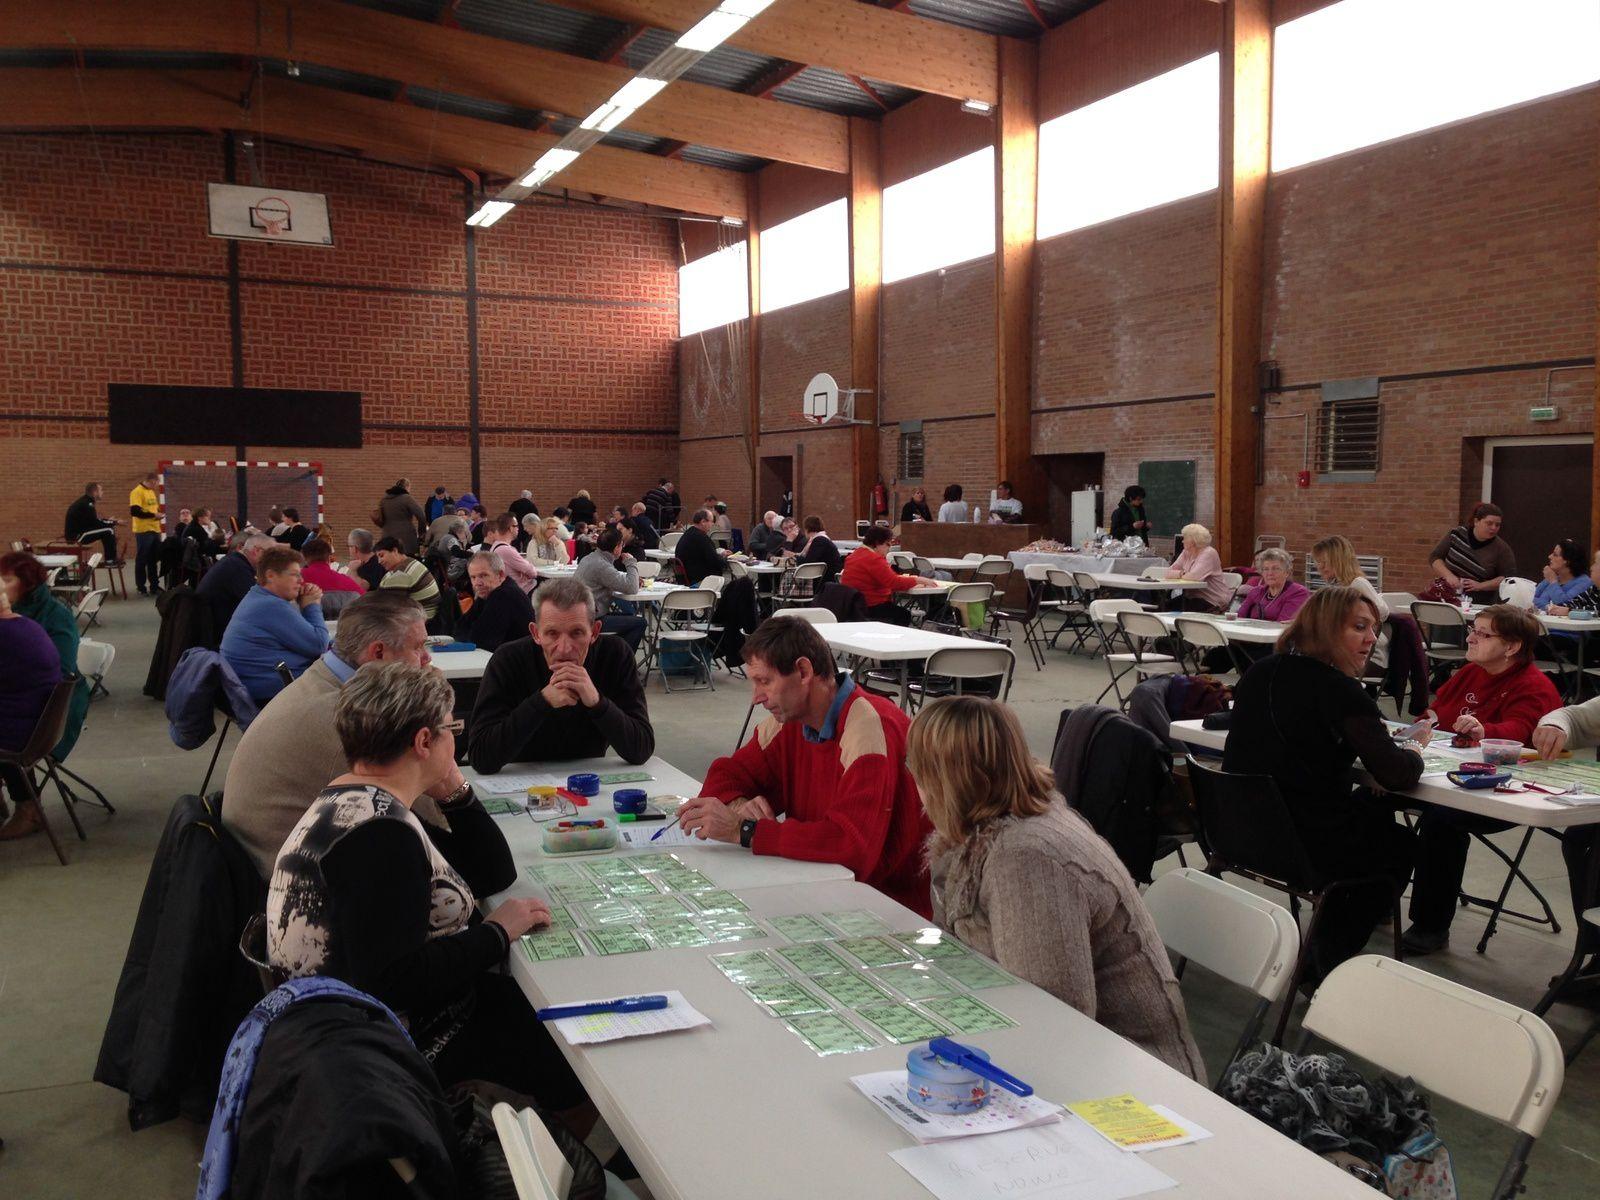 """Crochte, 14h45, salle du collège : loto organisé par l'association """"Tous contre Parkinson"""". Là aussi, toute une équipe de bénévoles rassemblée autour du président Thiérry Bordage. Bon d'achat offert par la CCCB."""